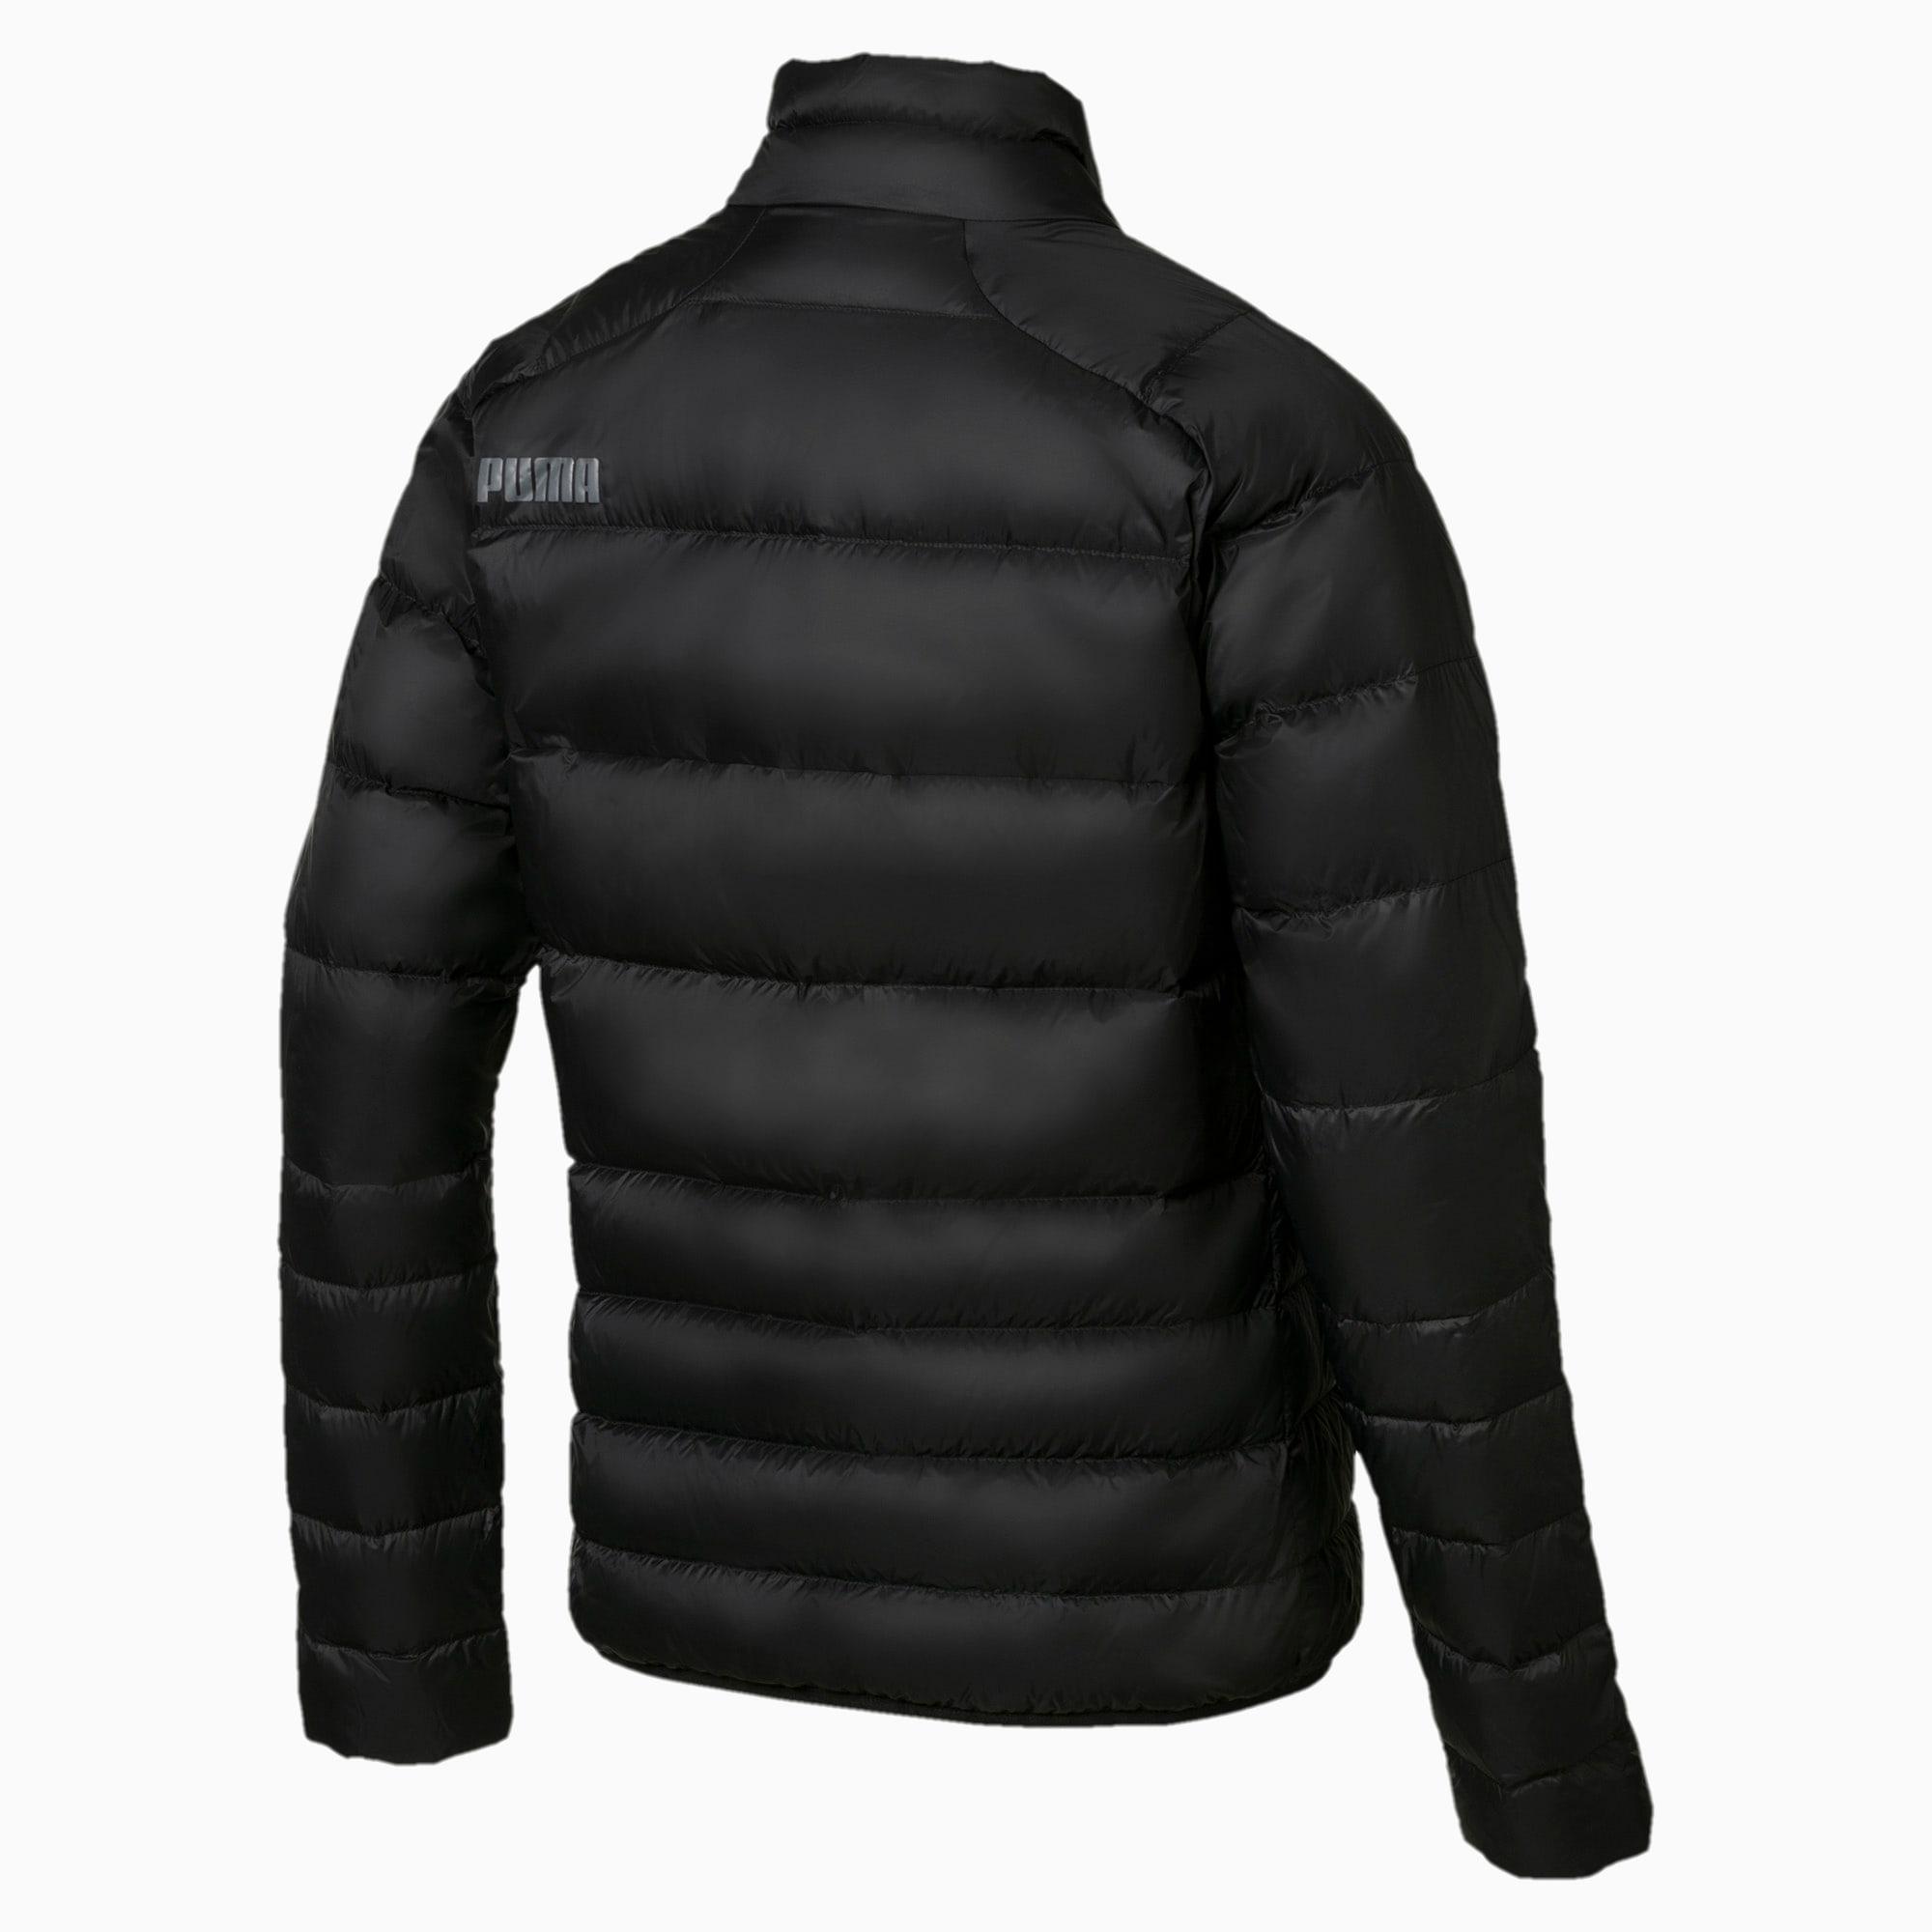 Men's PWRWARM X packLITE 600 Down Jacket